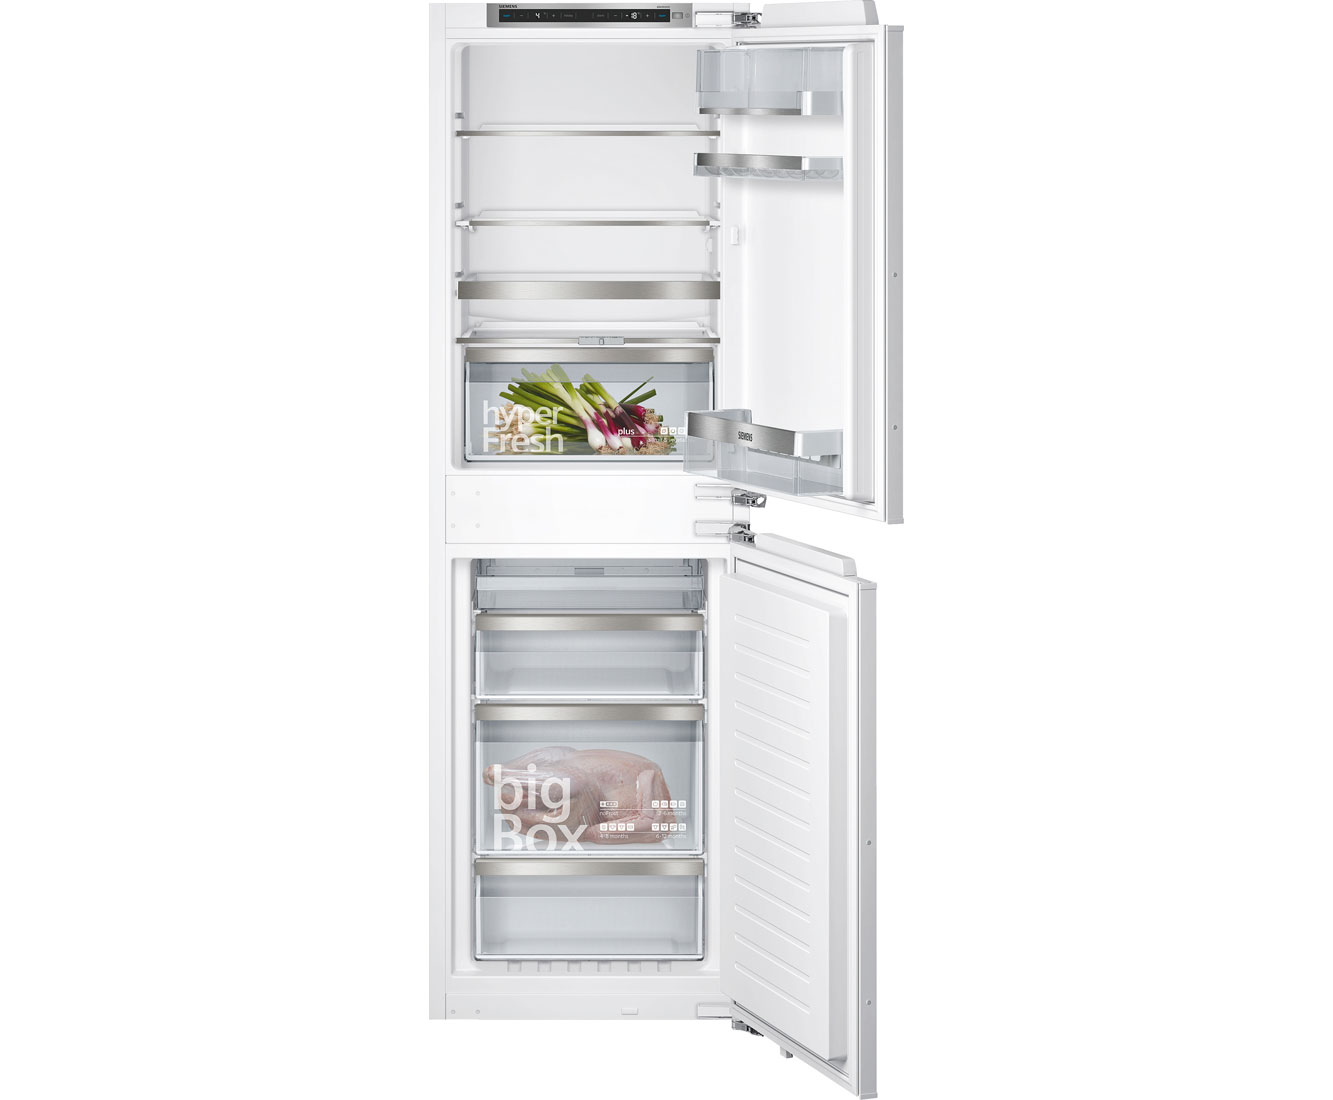 Siemens Kühlschrank Gefrierfach Abtauen : Siemens kühlschrank abtauen gefrierschrank schnell abtauen